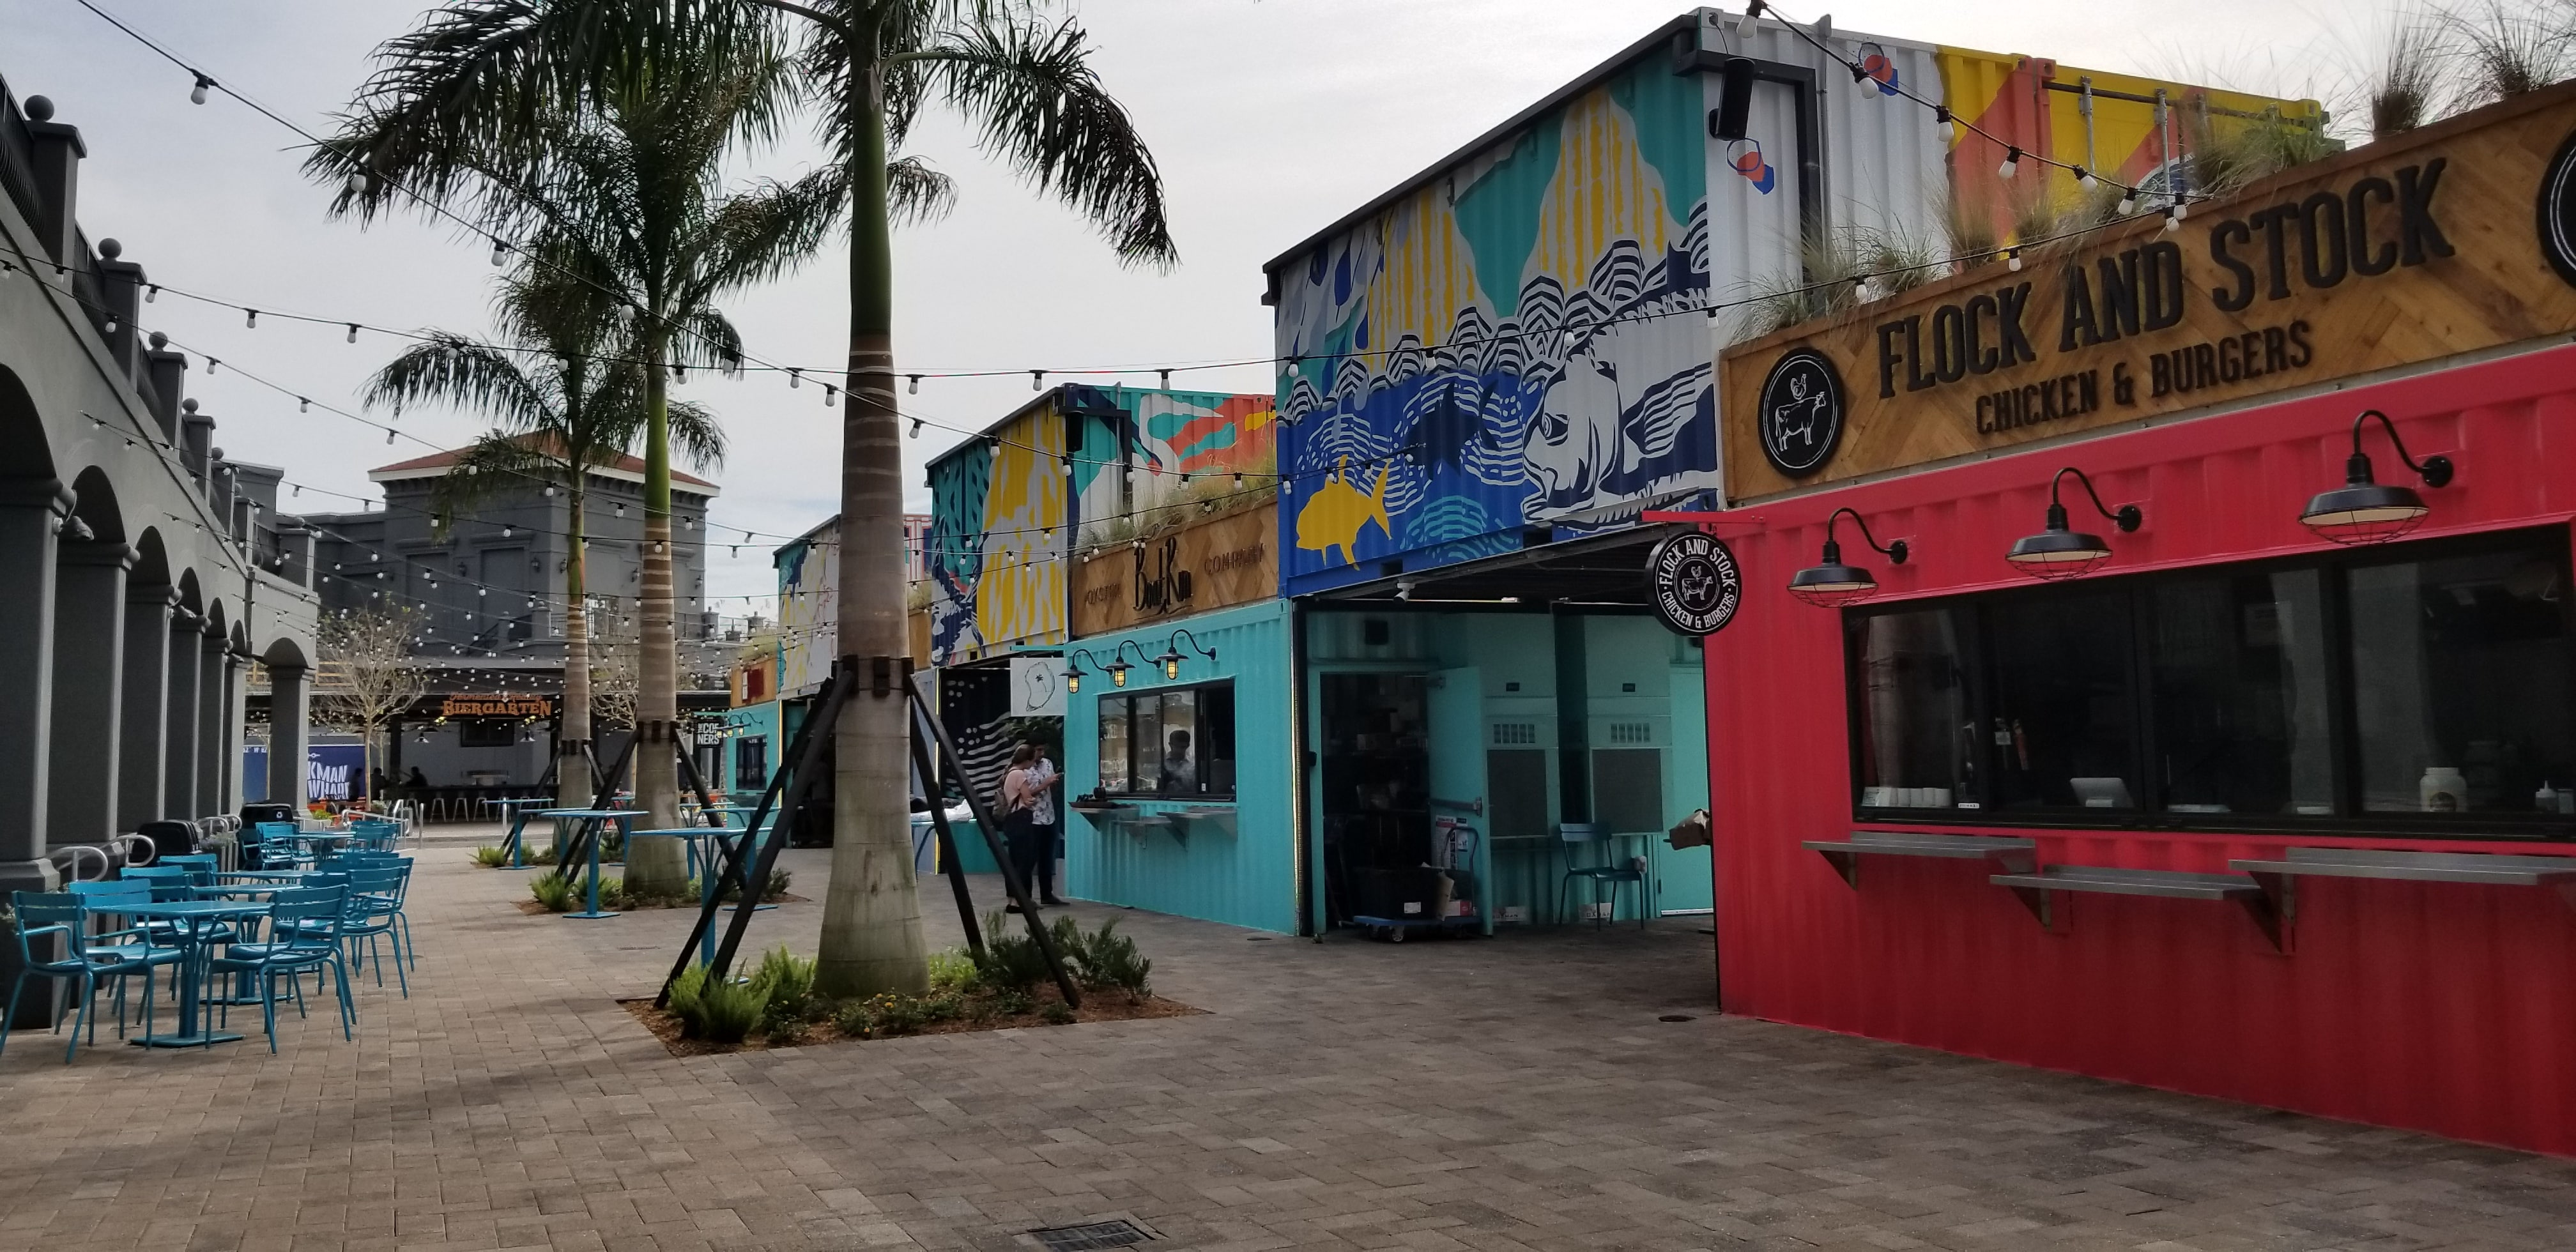 Sparkman Wharf Restaurant Row